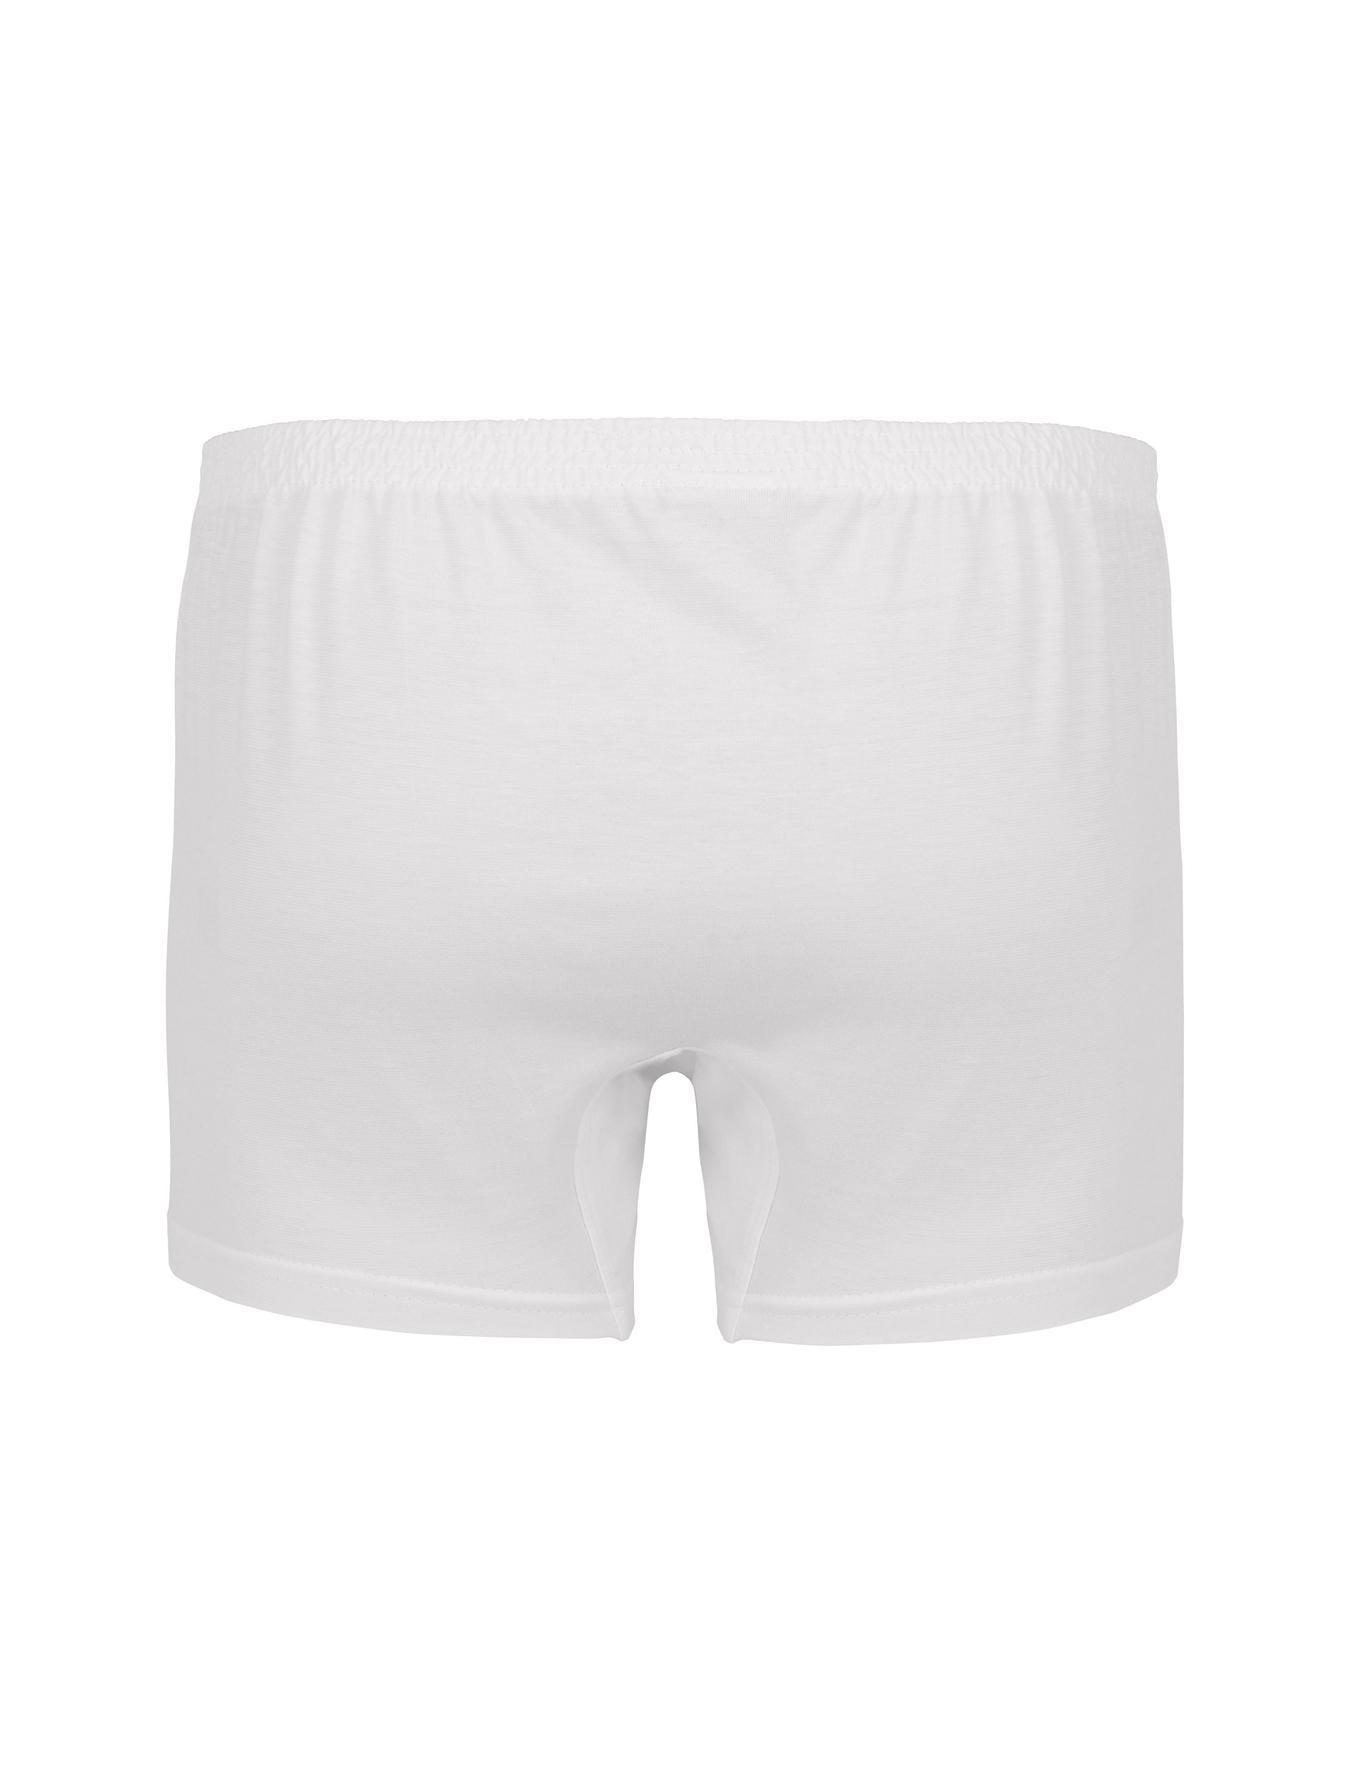 Beyaz 2'li Boxer